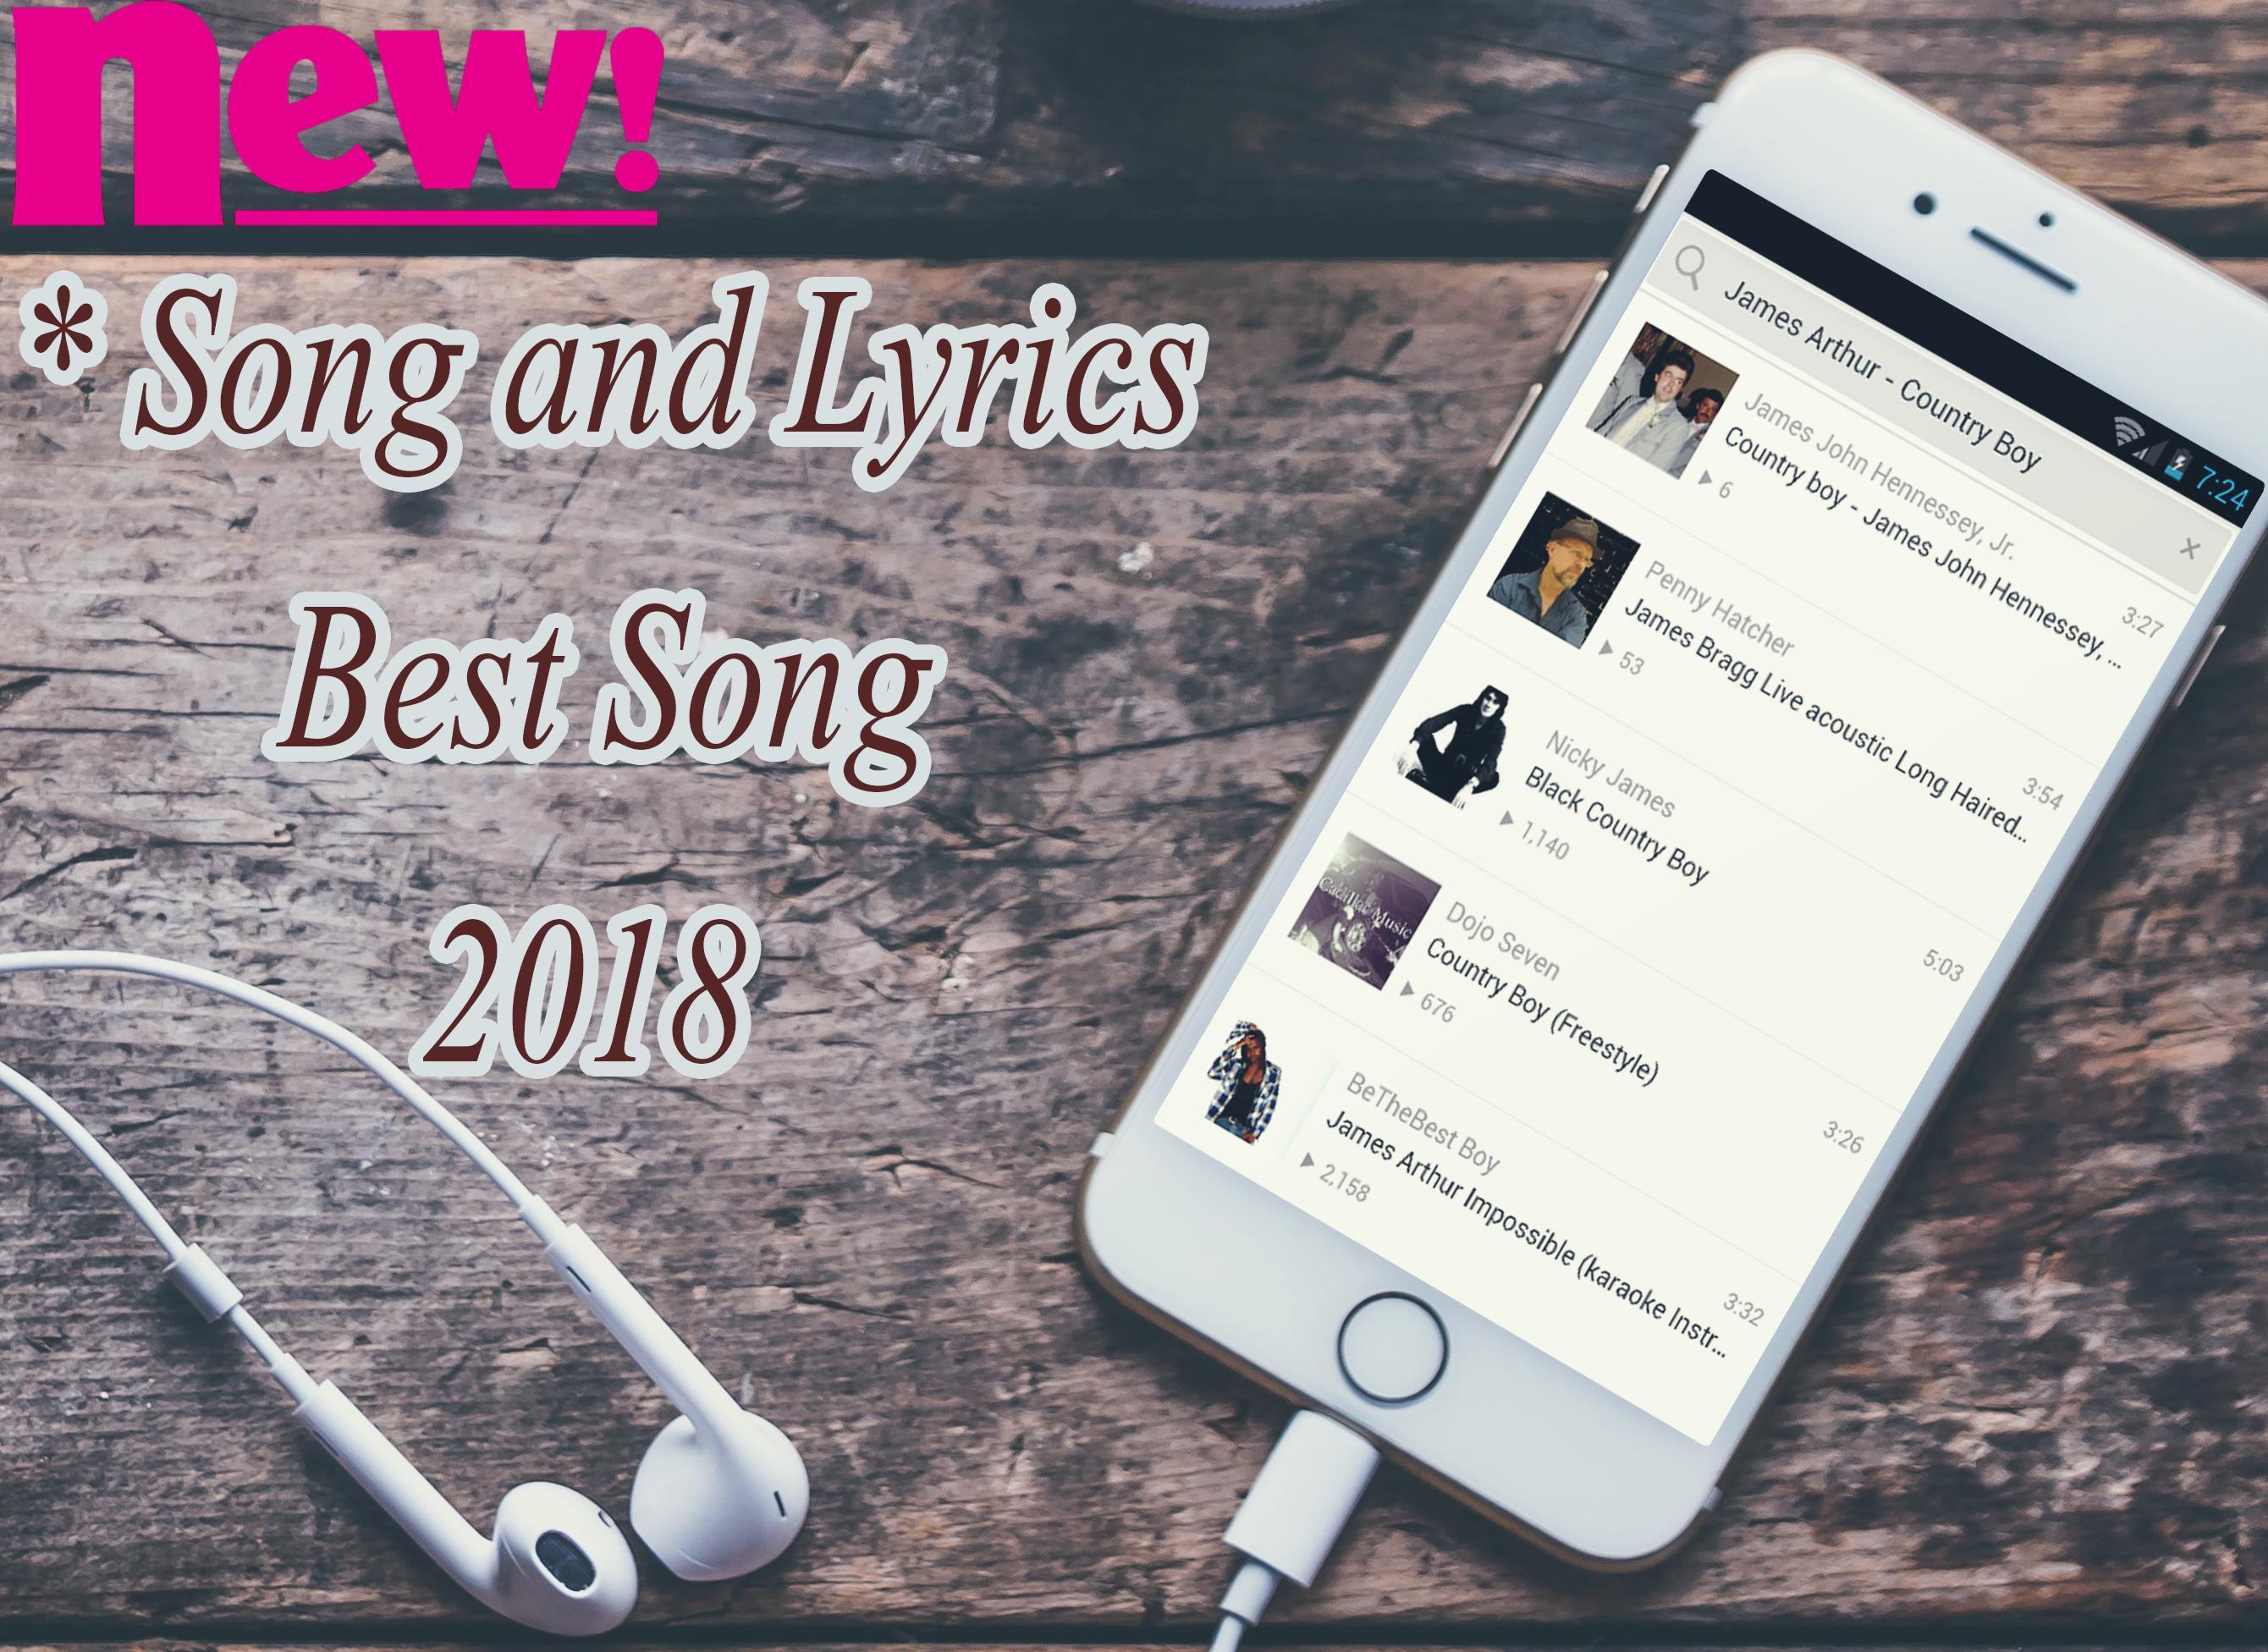 James Arthur - You Deserve Better Lyrics 2018 for Android - APK Download